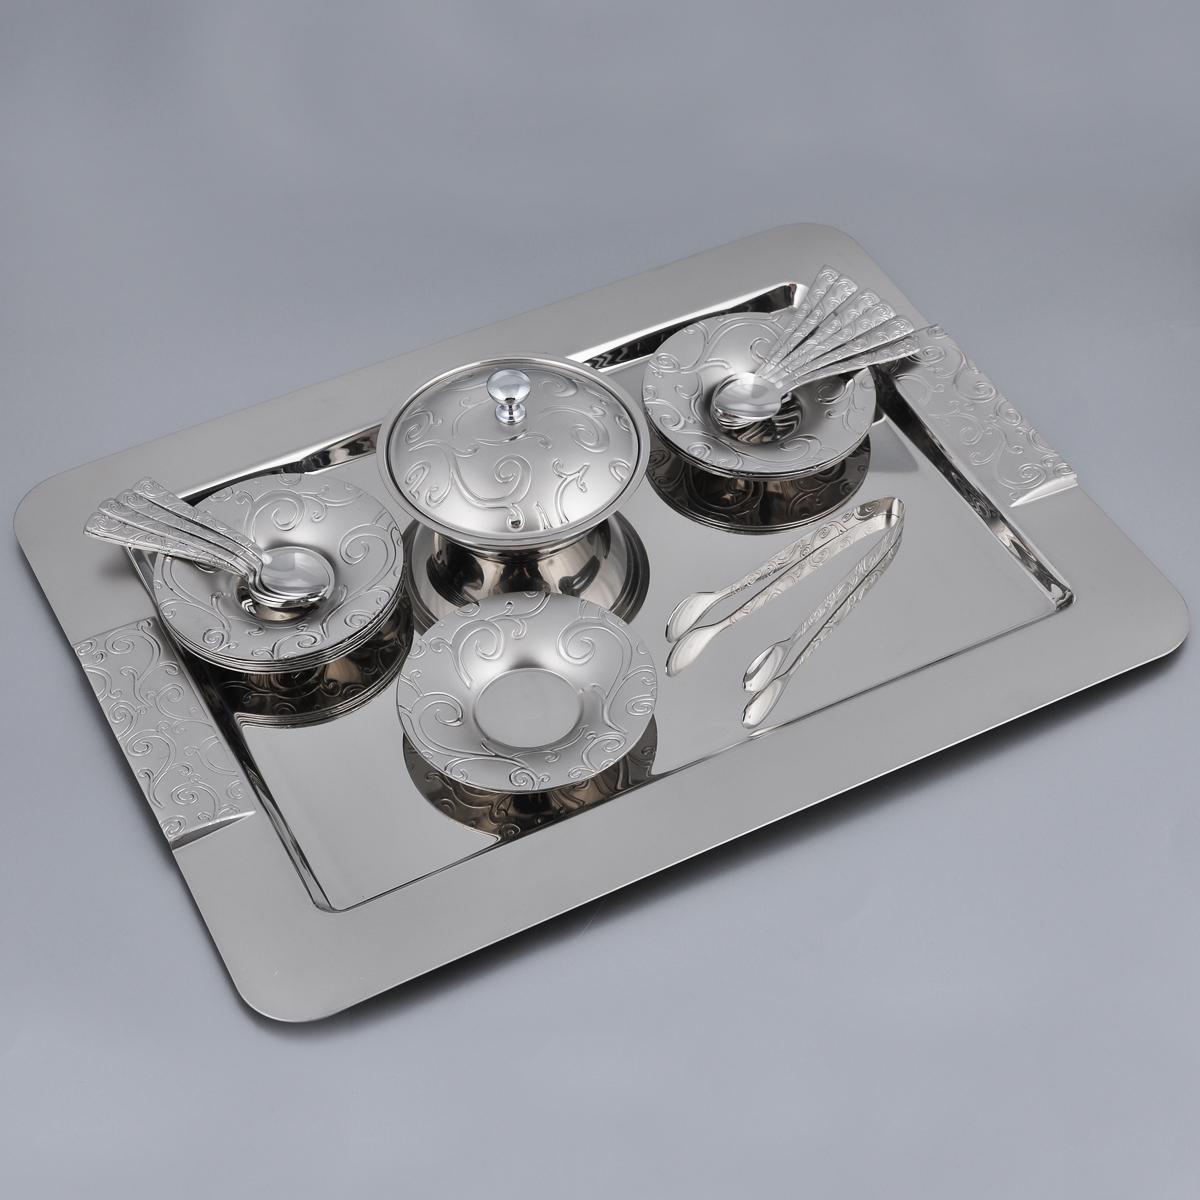 Набор десертный Korkmaz Spring, 28 предметовA1794Десертный набор Korkmaz Spring состоит из подноса, сахарницы с крышкой, 12 десертных ложечек, 12 блюдец и щипцов для сахара, изготовленных из высококачественной нержавеющей стали марки 18/10. Отполированные до блеска поверхности имеют специальное покрытие, позволяющее длительное время сохранять яркость изделий. Предметы набора оформлены изящными узорами и имеют комбинированную зеркальную и матовыю поверхность. Десертный набор Korkmaz Spring - идеальный и необходимый подарок для вашего дома и для ваших друзей в праздники, юбилеи и торжества! Он также станет отличным корпоративным подарком и украшением любой кухни. Количество блюдец: 12 шт. Диаметр блюдец: 10,5 см. Высота блюдец: 1,5 см. Количество ложечек: 12 шт. Длина ложечек: 10,5 см. Размер рабочей части ложечек: 3 см х 2,2 см. Высота сахарницы (с учетом крышки): 7,5 см. Диаметр сахарницы по верхнему краю: 11,5 см. Размер подноса: 42 см х 31 см х 2 см. ...